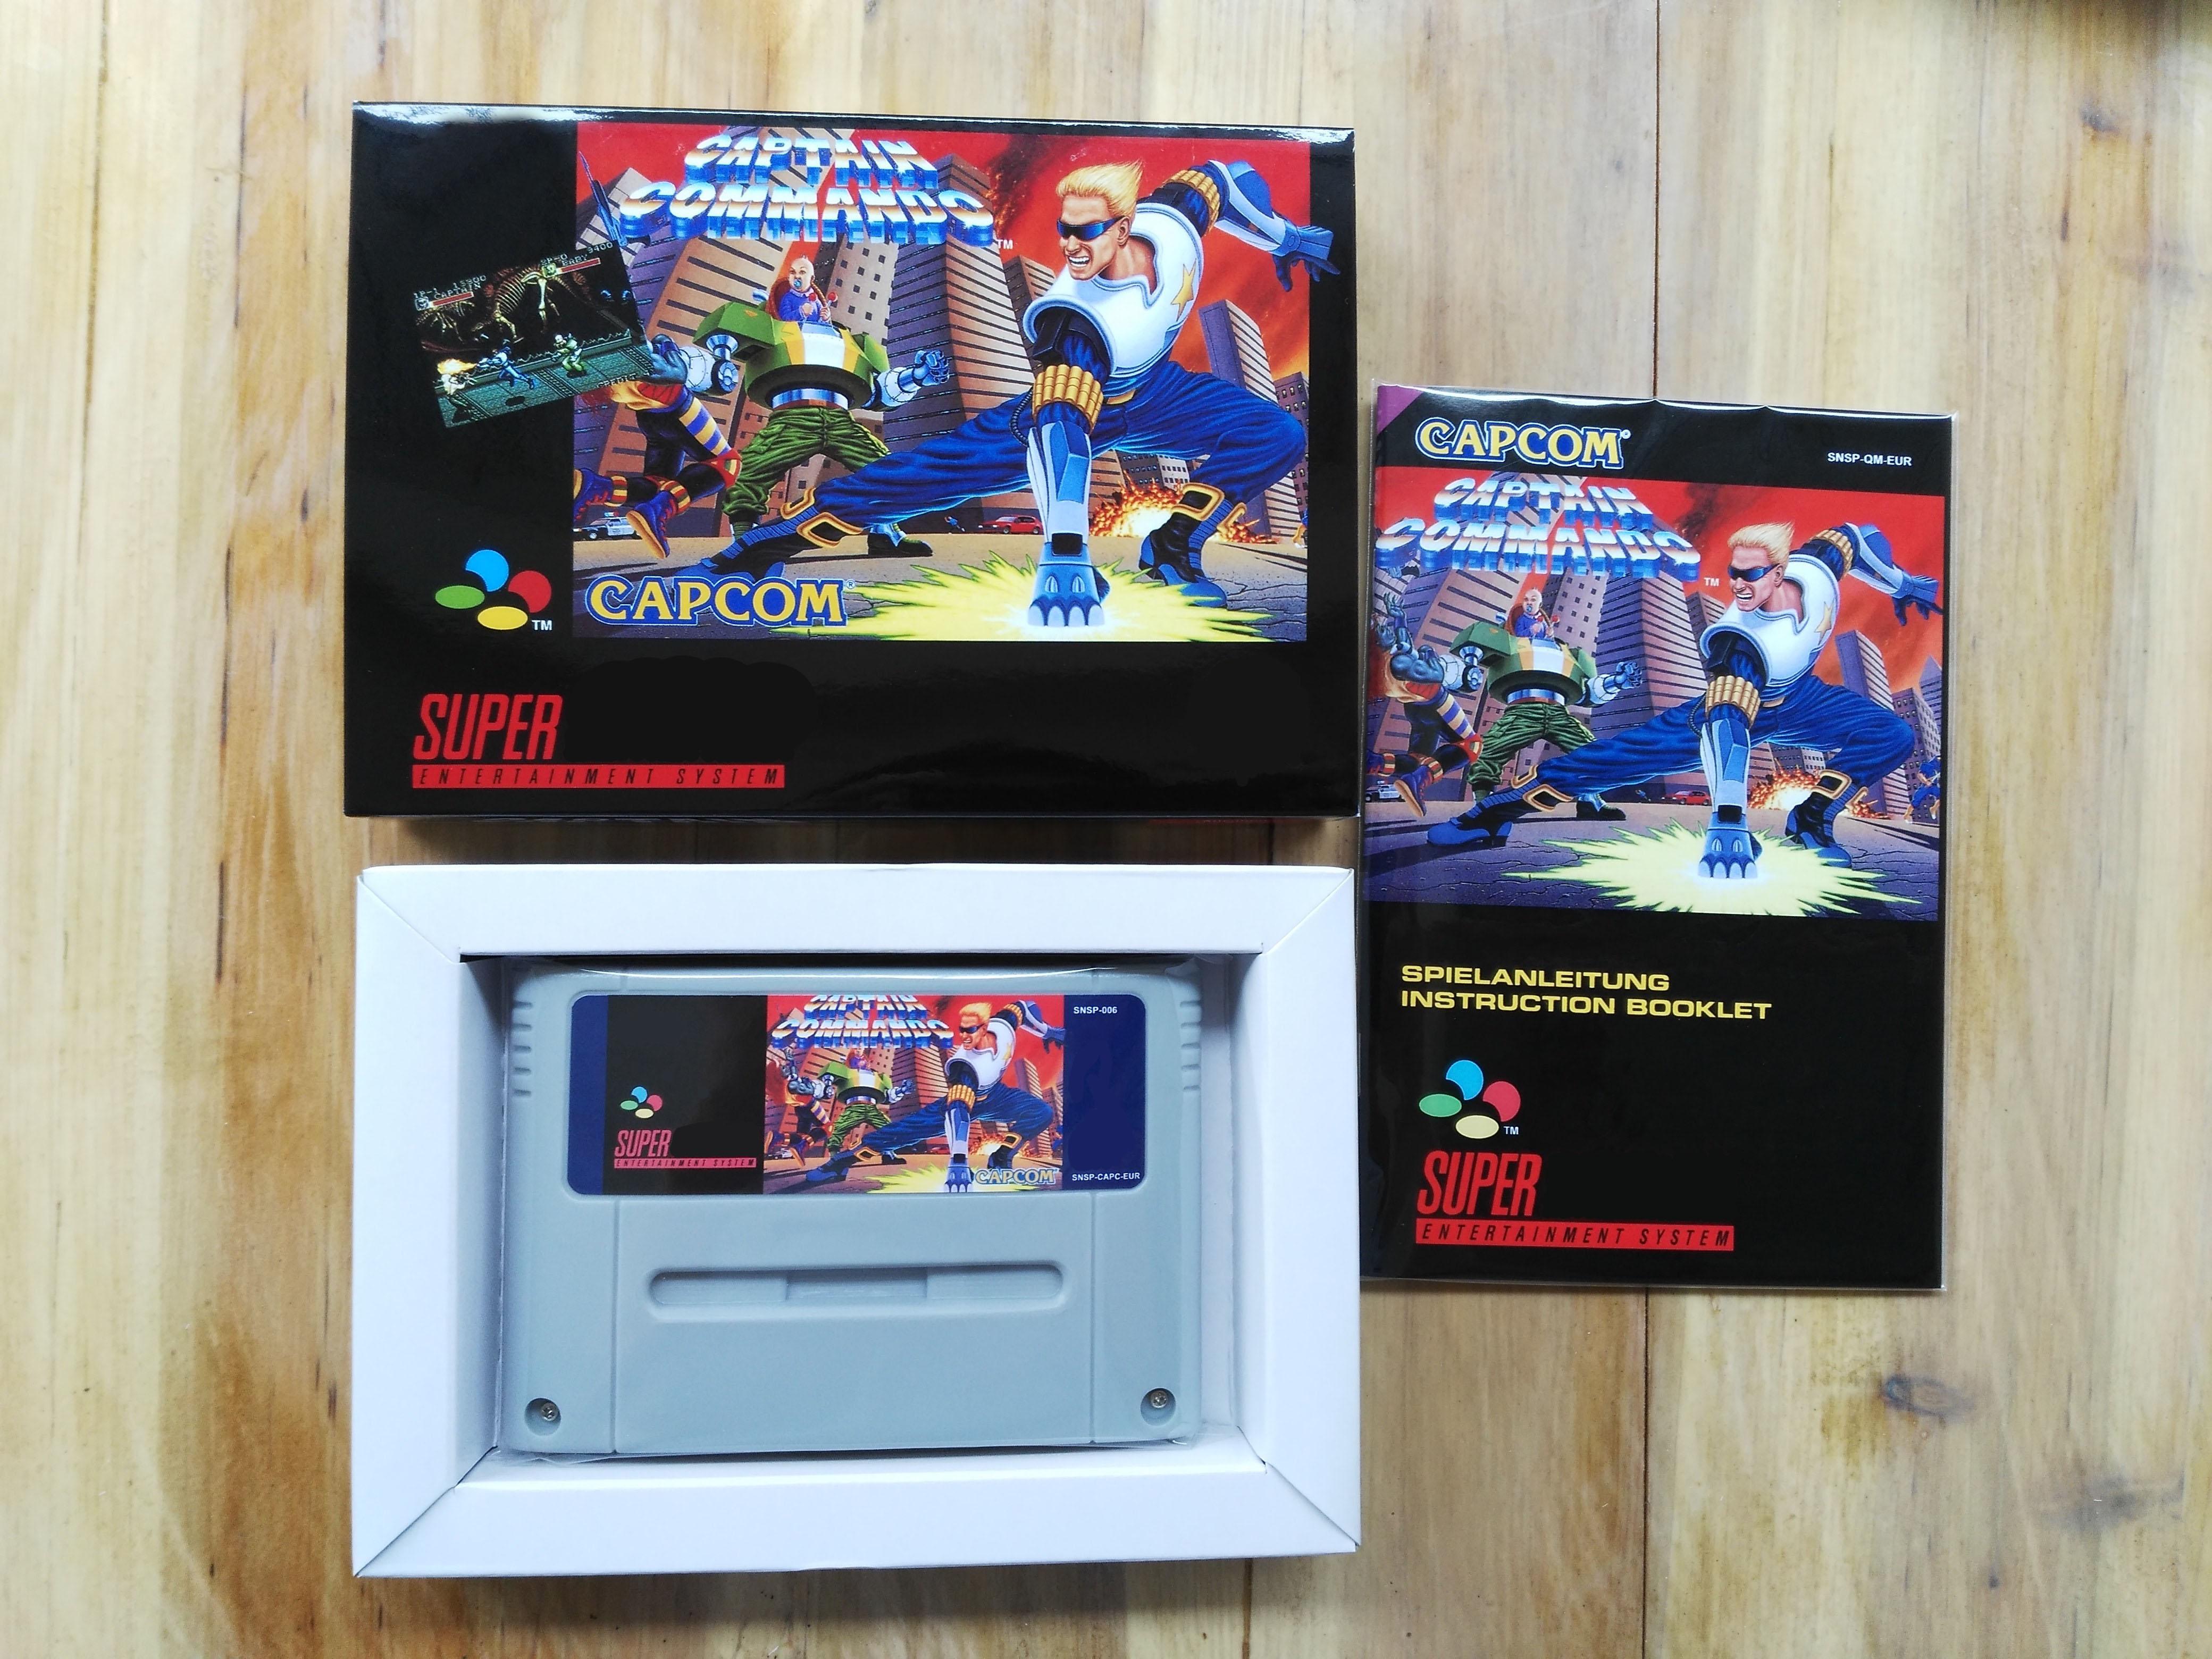 16 bits juegos ** capitán COMMANDO (¡Versión de EUR PAL! Caja + Manual + cartucho!)